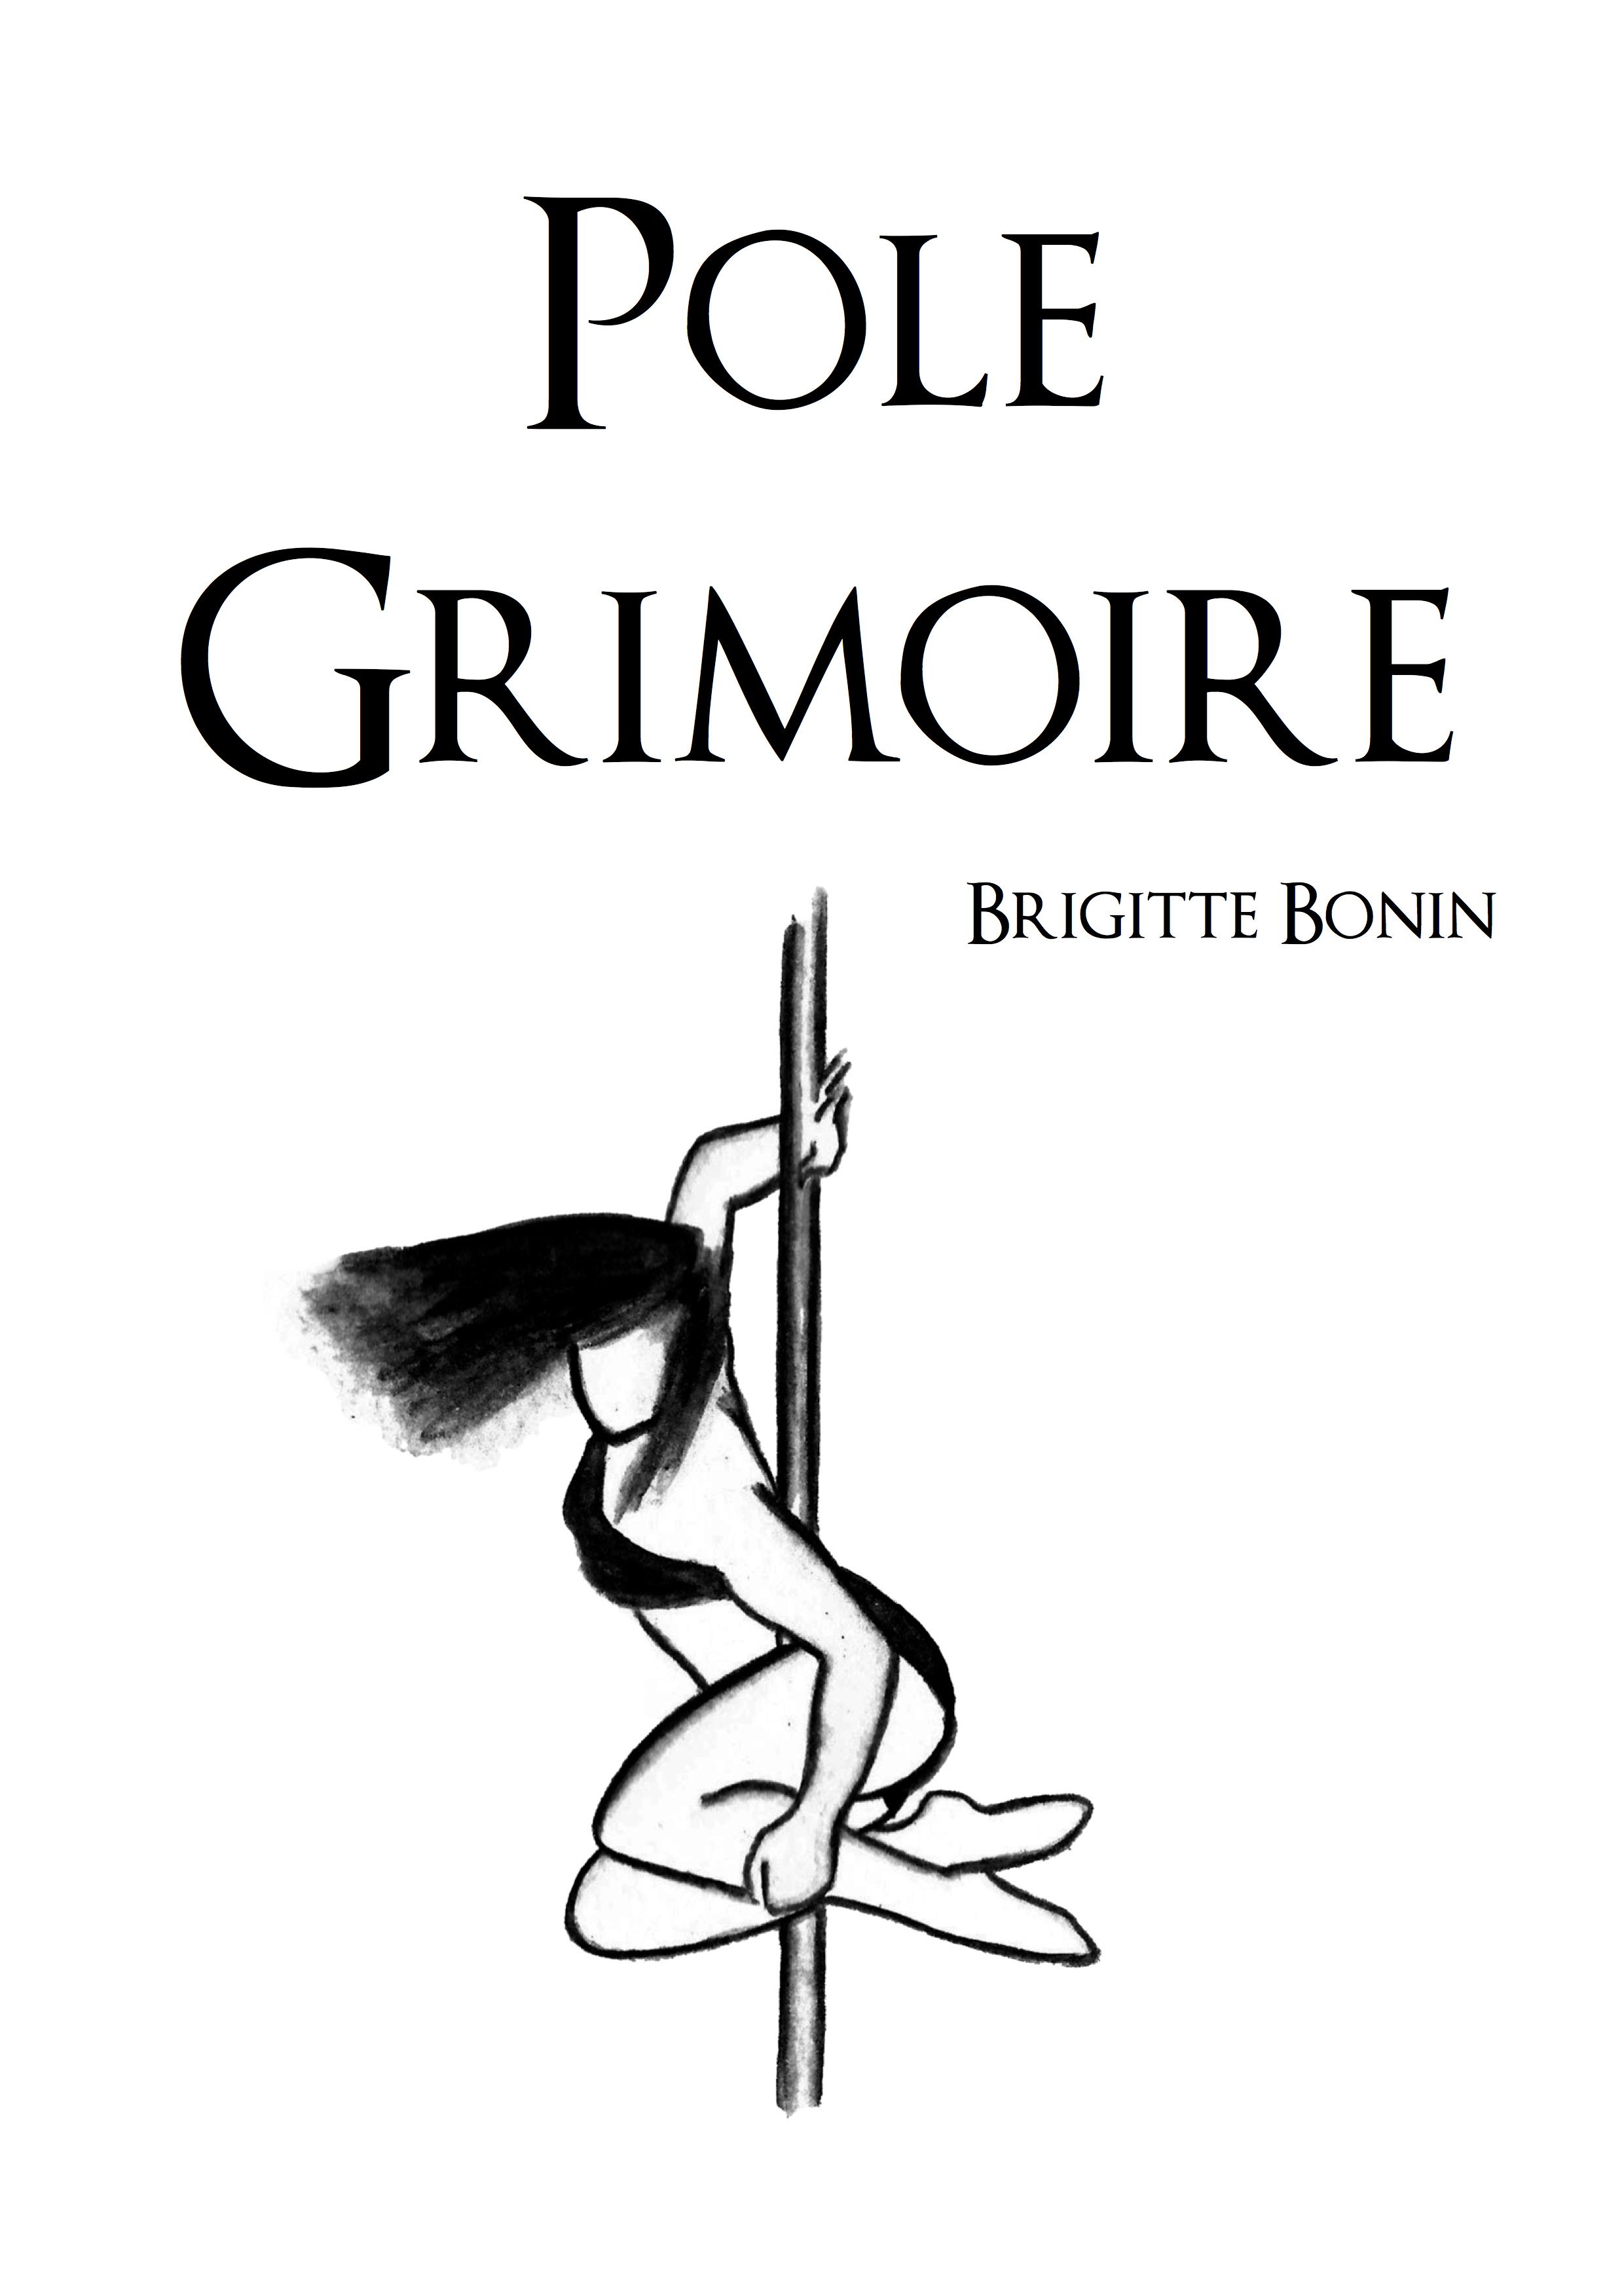 Pole Grimoire PG